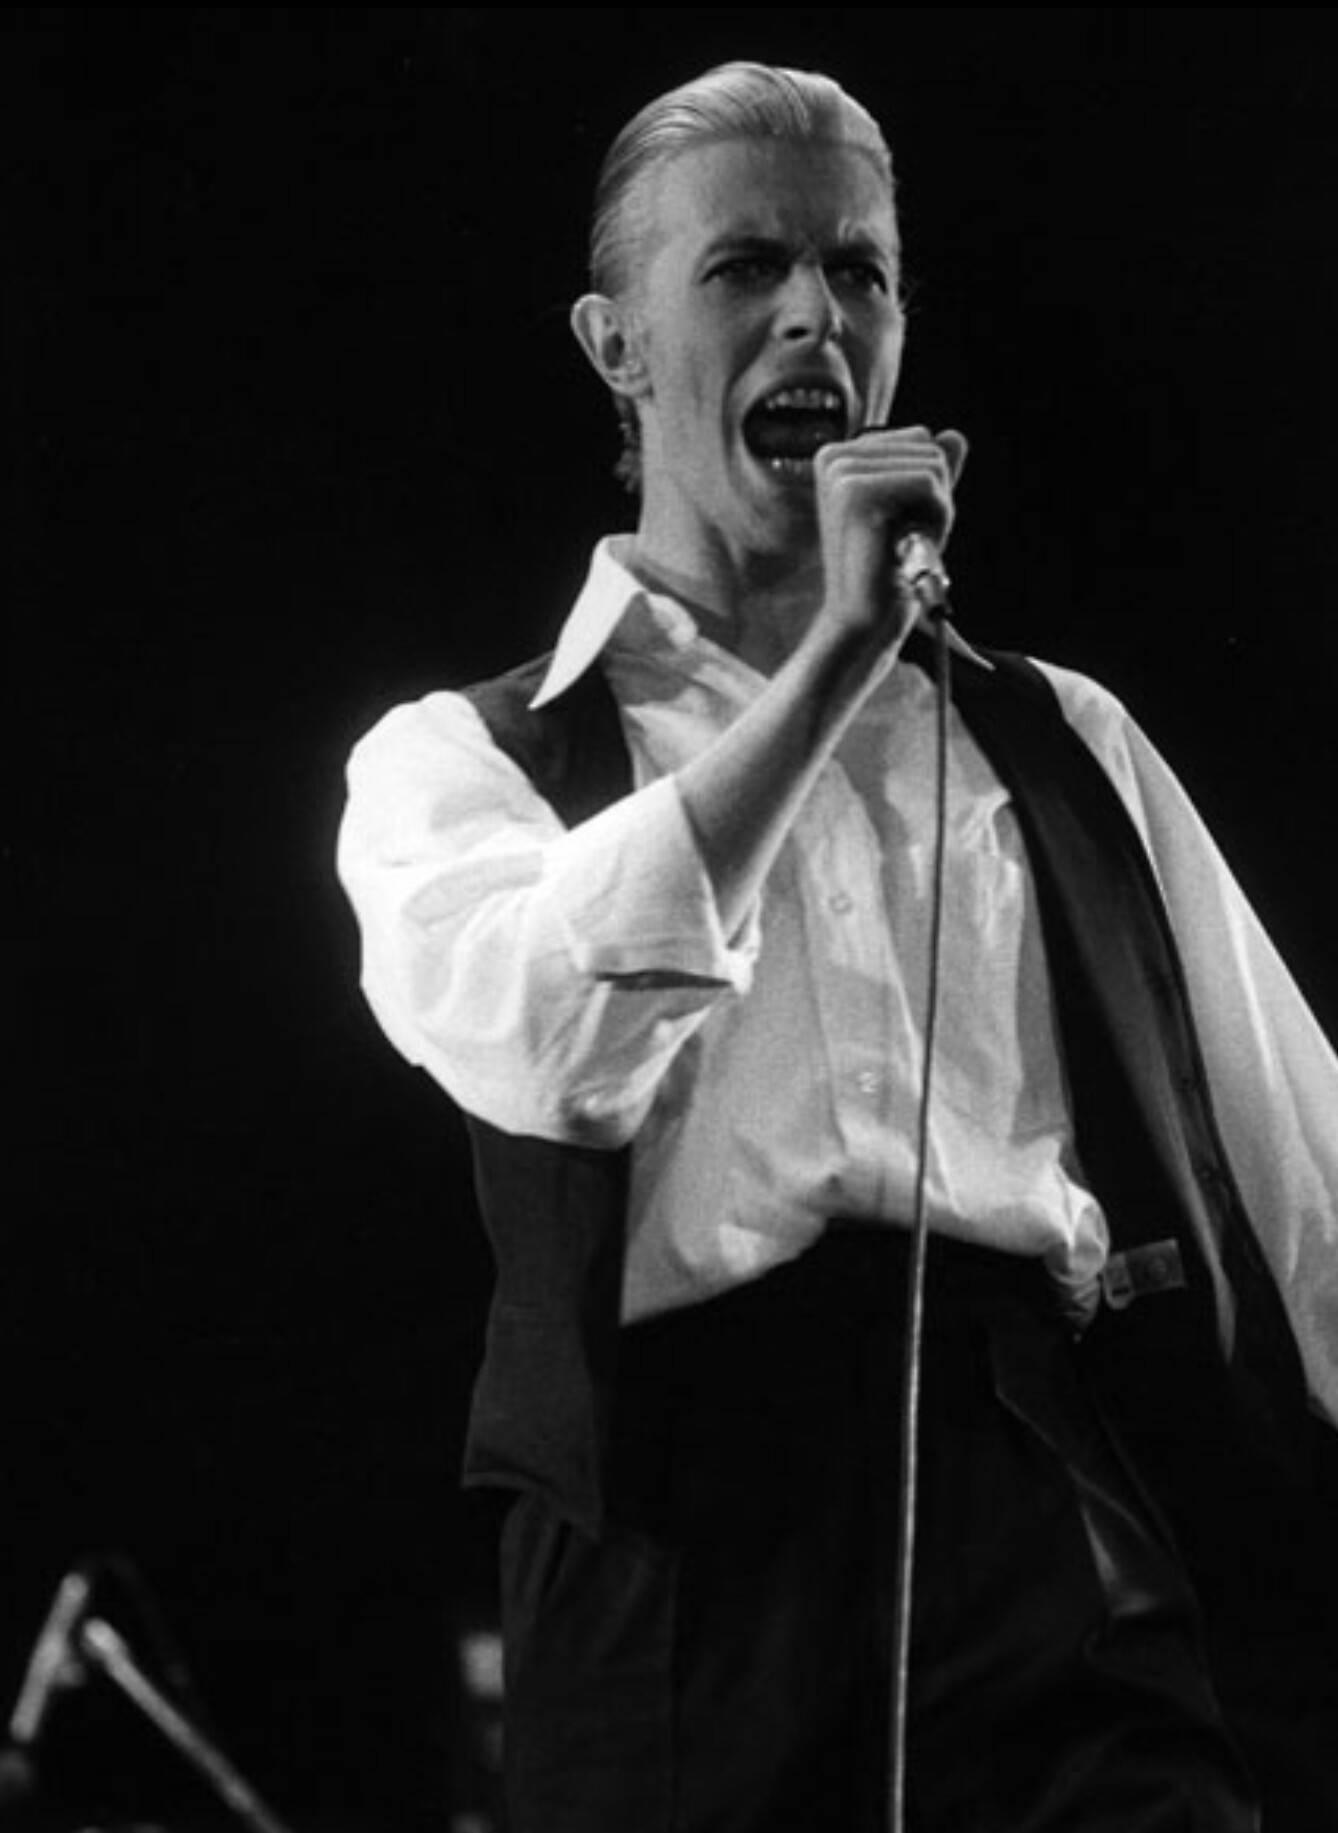 El Bowie de la gira de Station To Station es un Bowie oscuro, bien peinado y elegantemente vestido